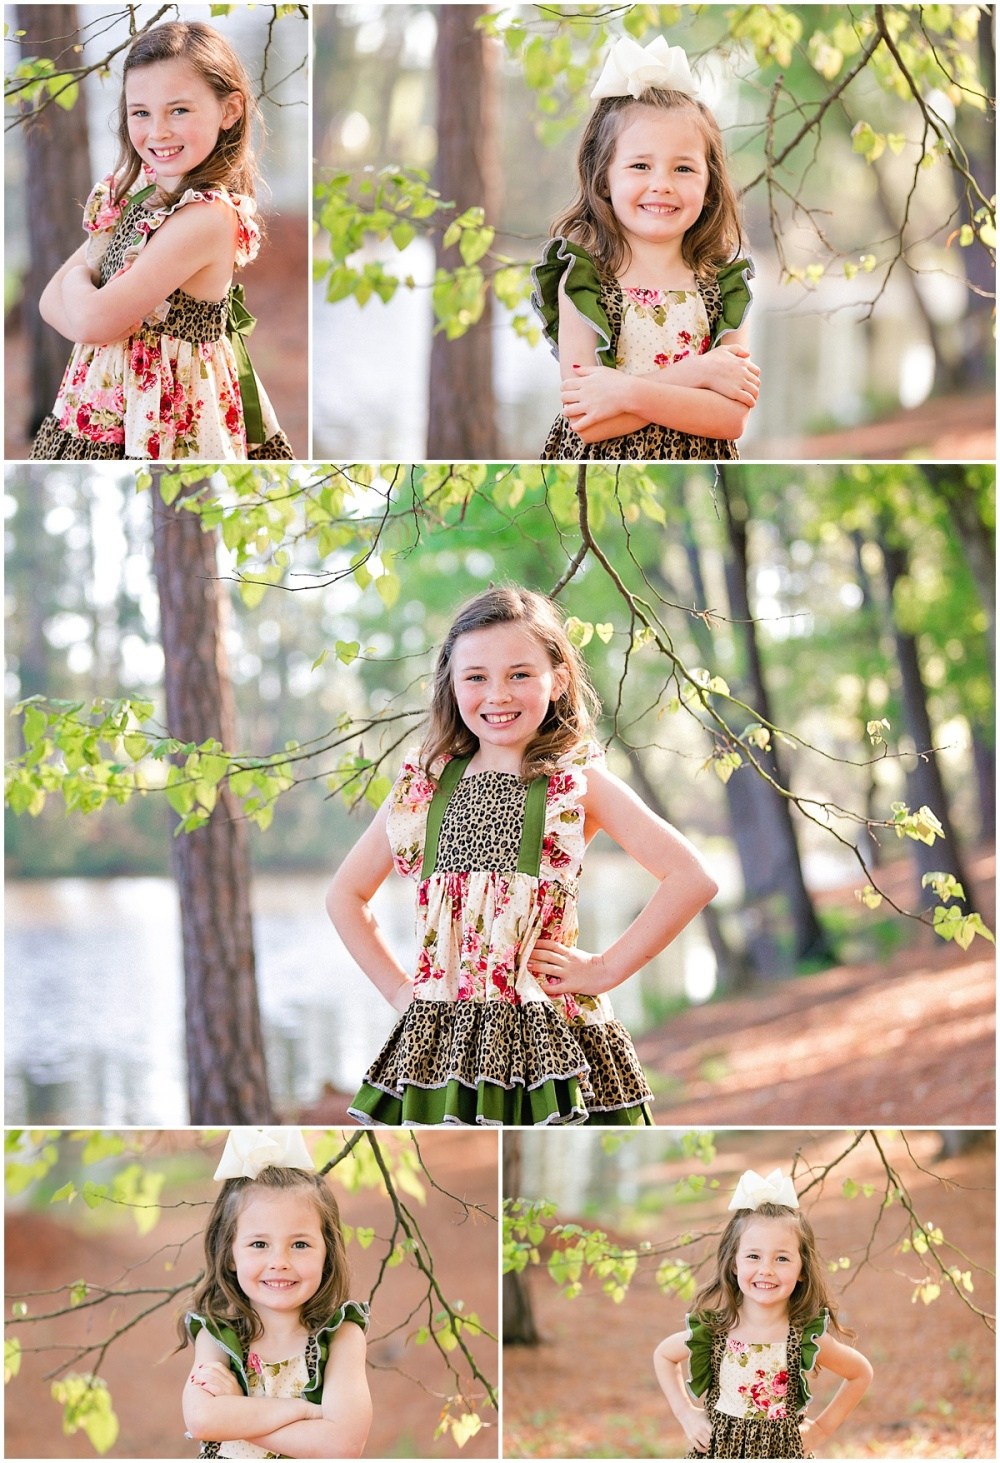 Family-Portraits-Spradlin-East-Texas-Carly-Barton-Photography_0035.jpg